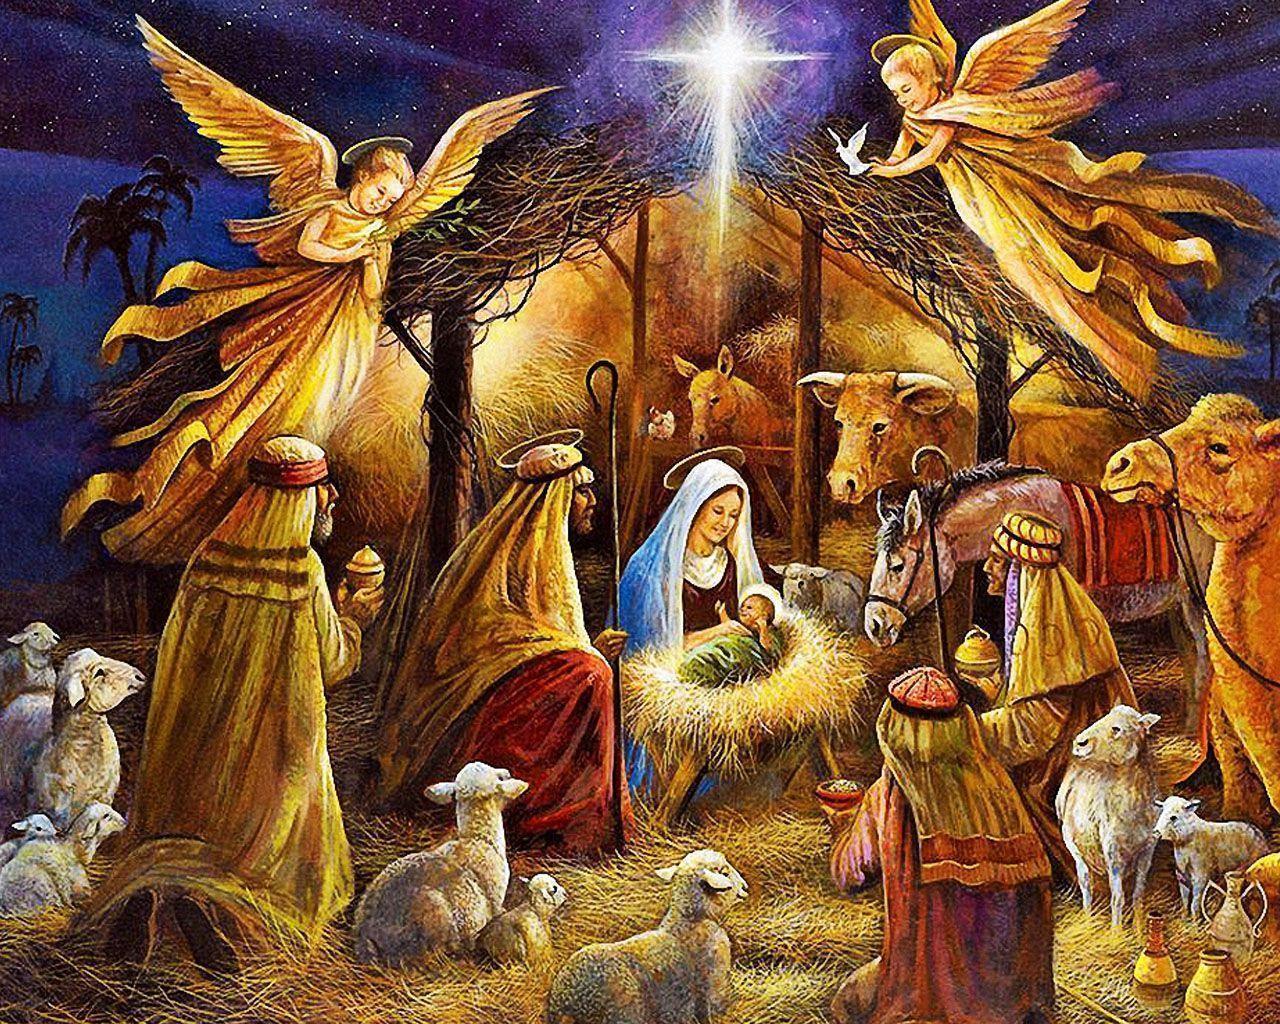 Christmas Jesus Wallpaper.Christmas Jesus Wallpapers Wallpaper Cave